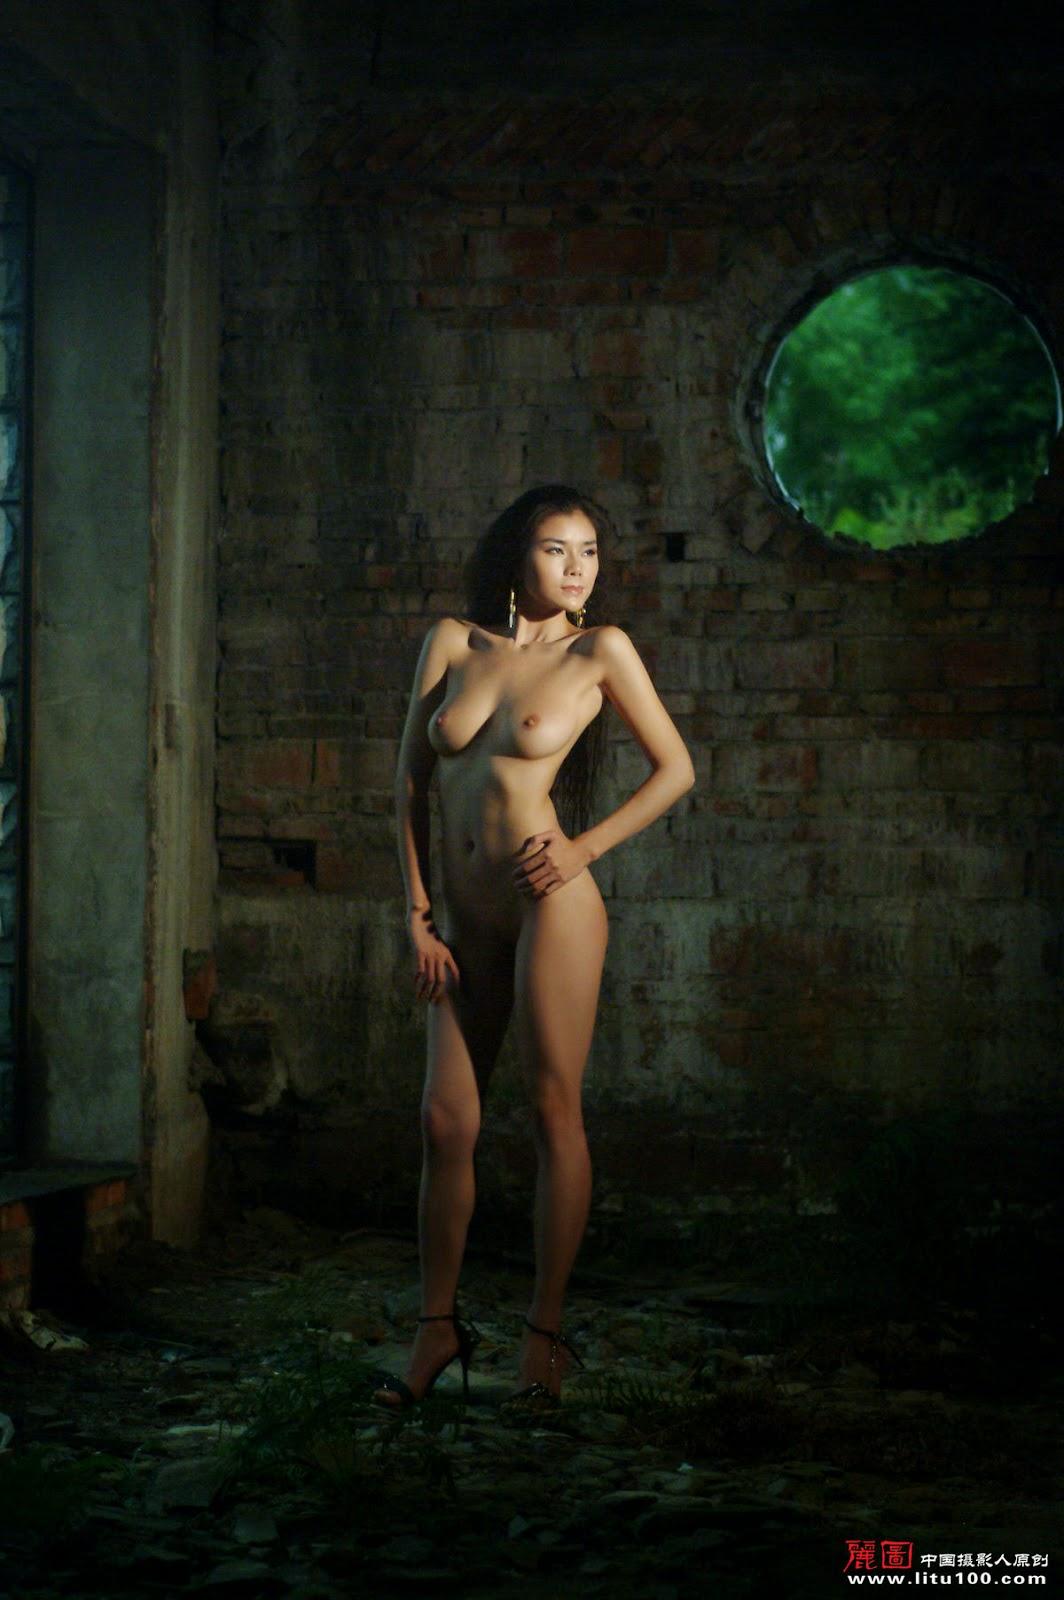 Gong Li And Nude